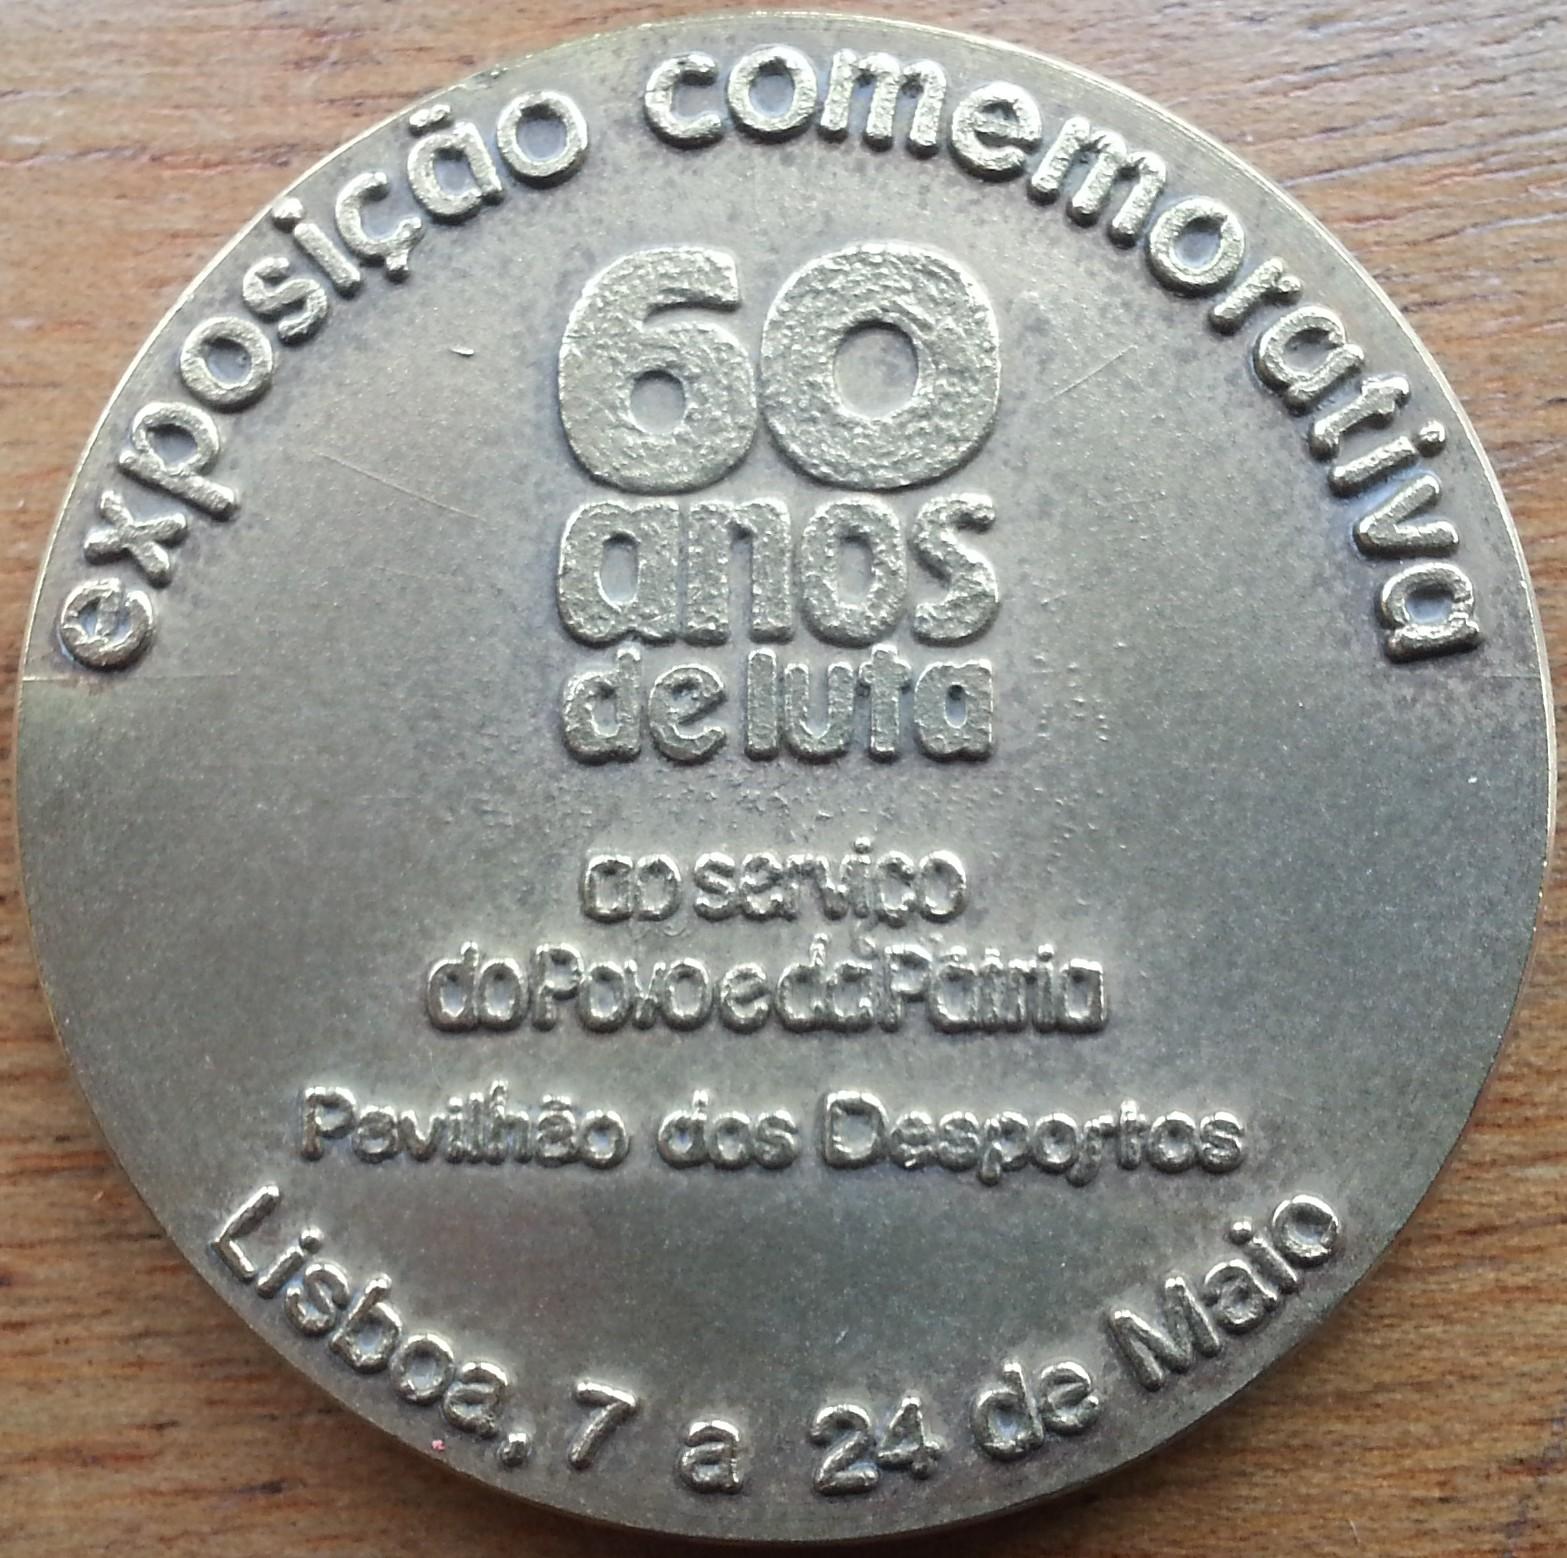 PCP_1981 _anos_medalha_002